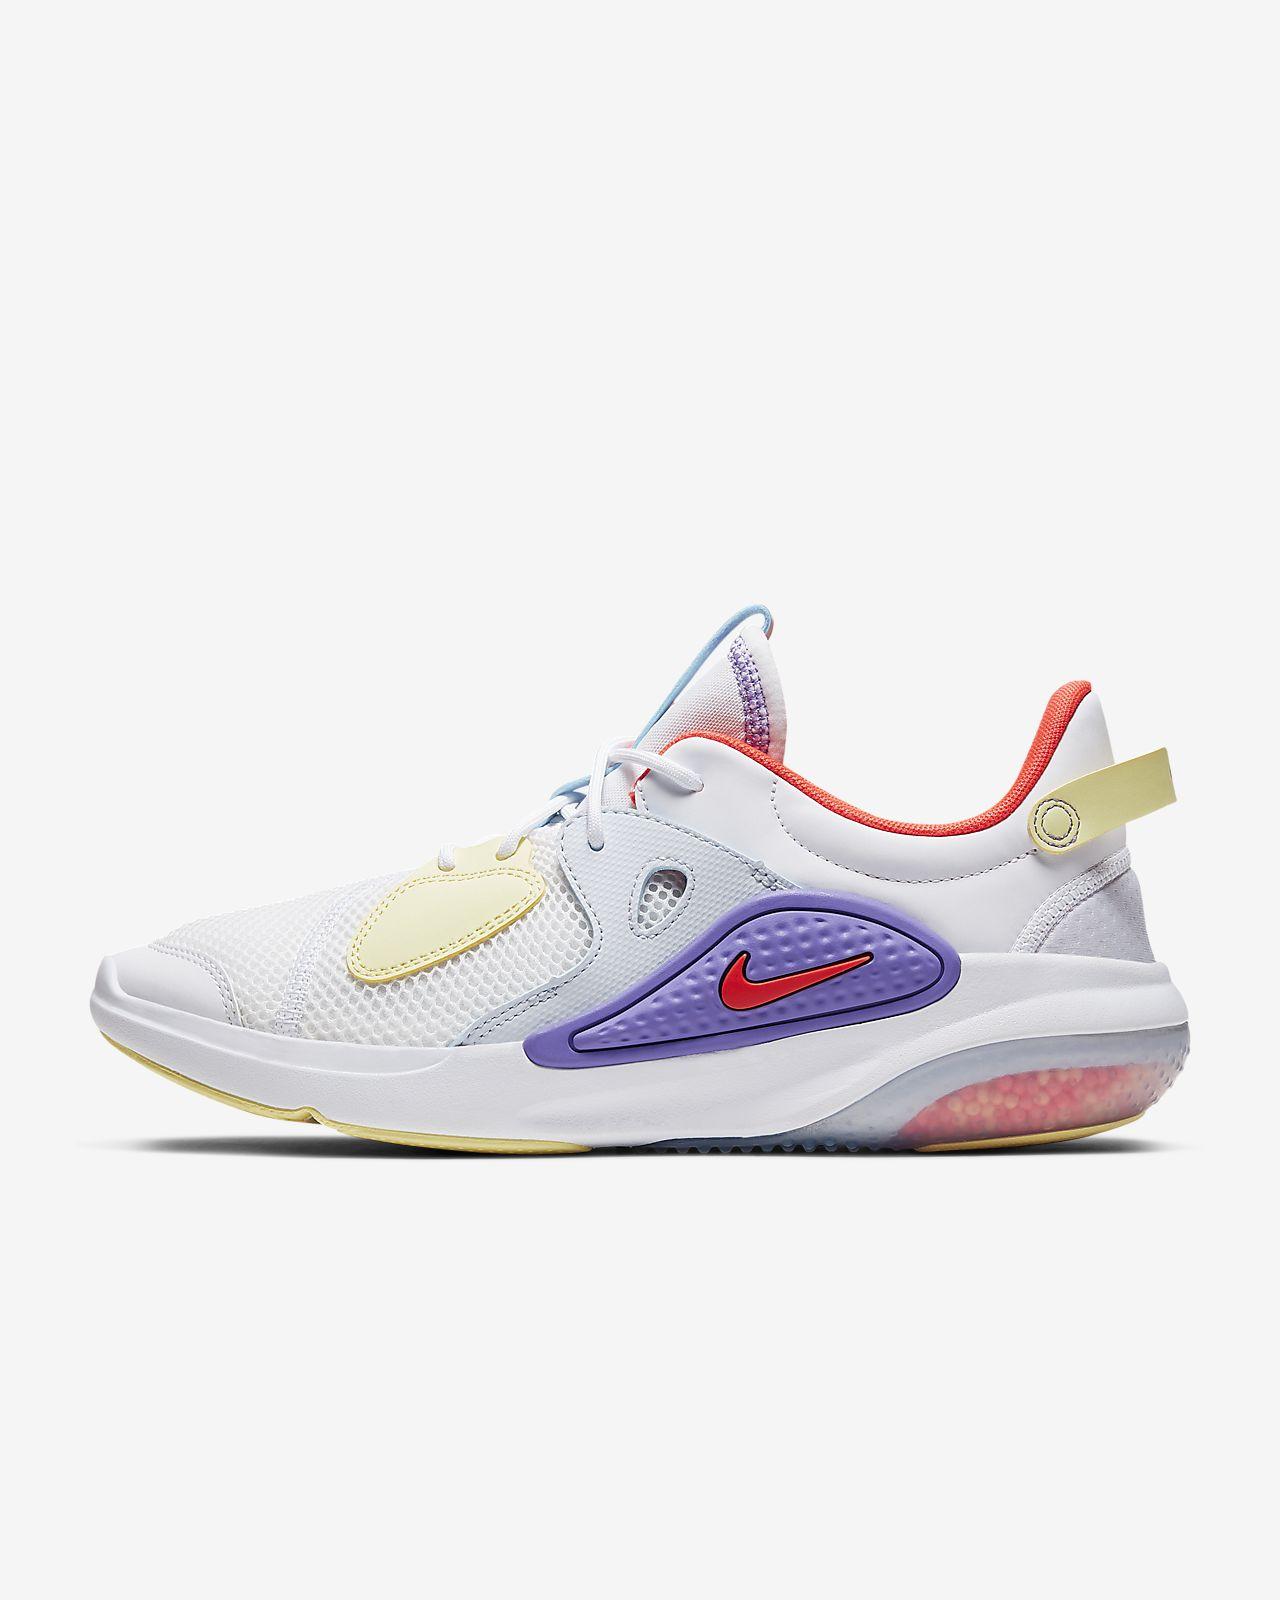 Cc Chaussure Nike Pour Homme Joyride QxrsdCth